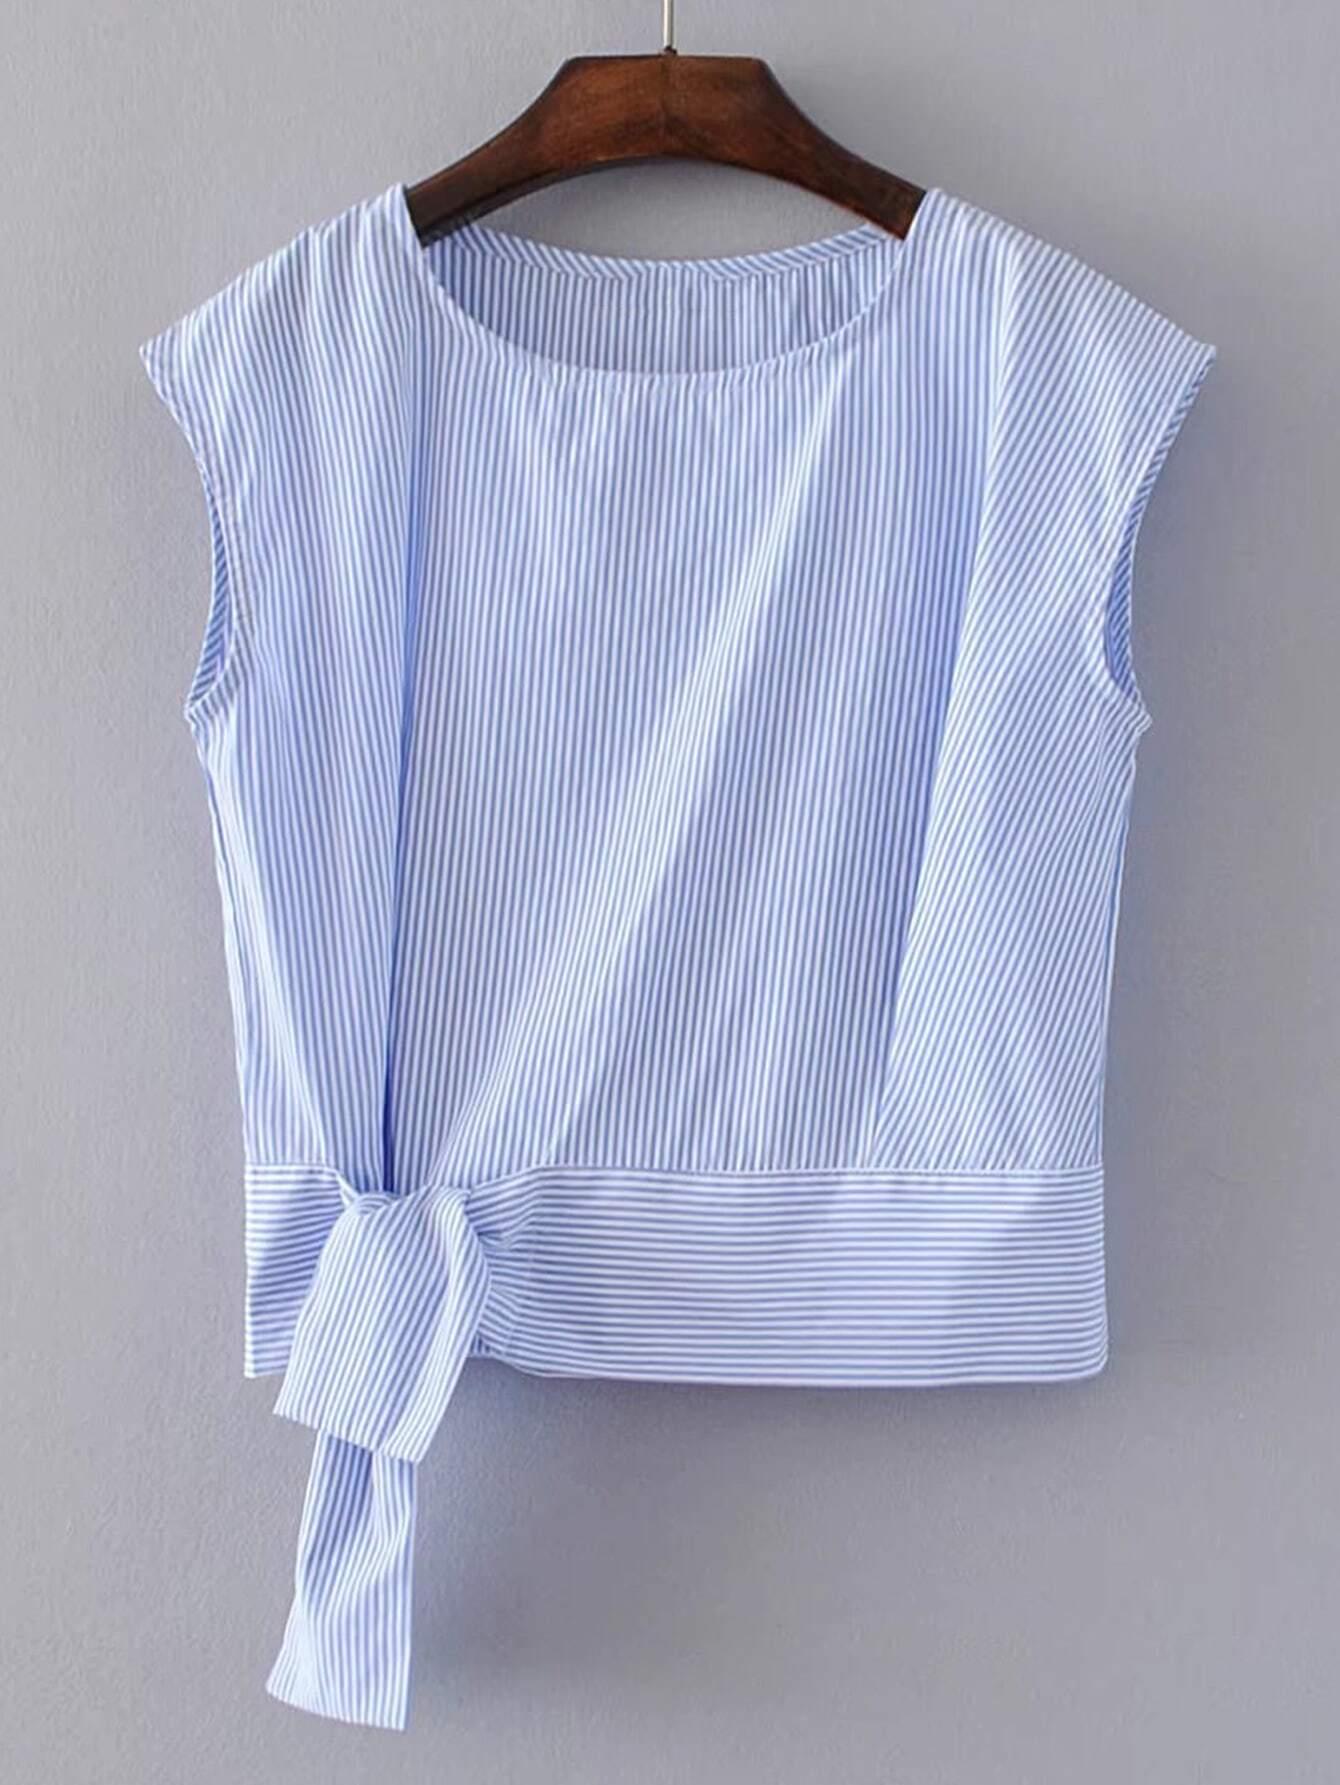 Vertical Striped Knot Waist Sleeveless Top blouse170427206